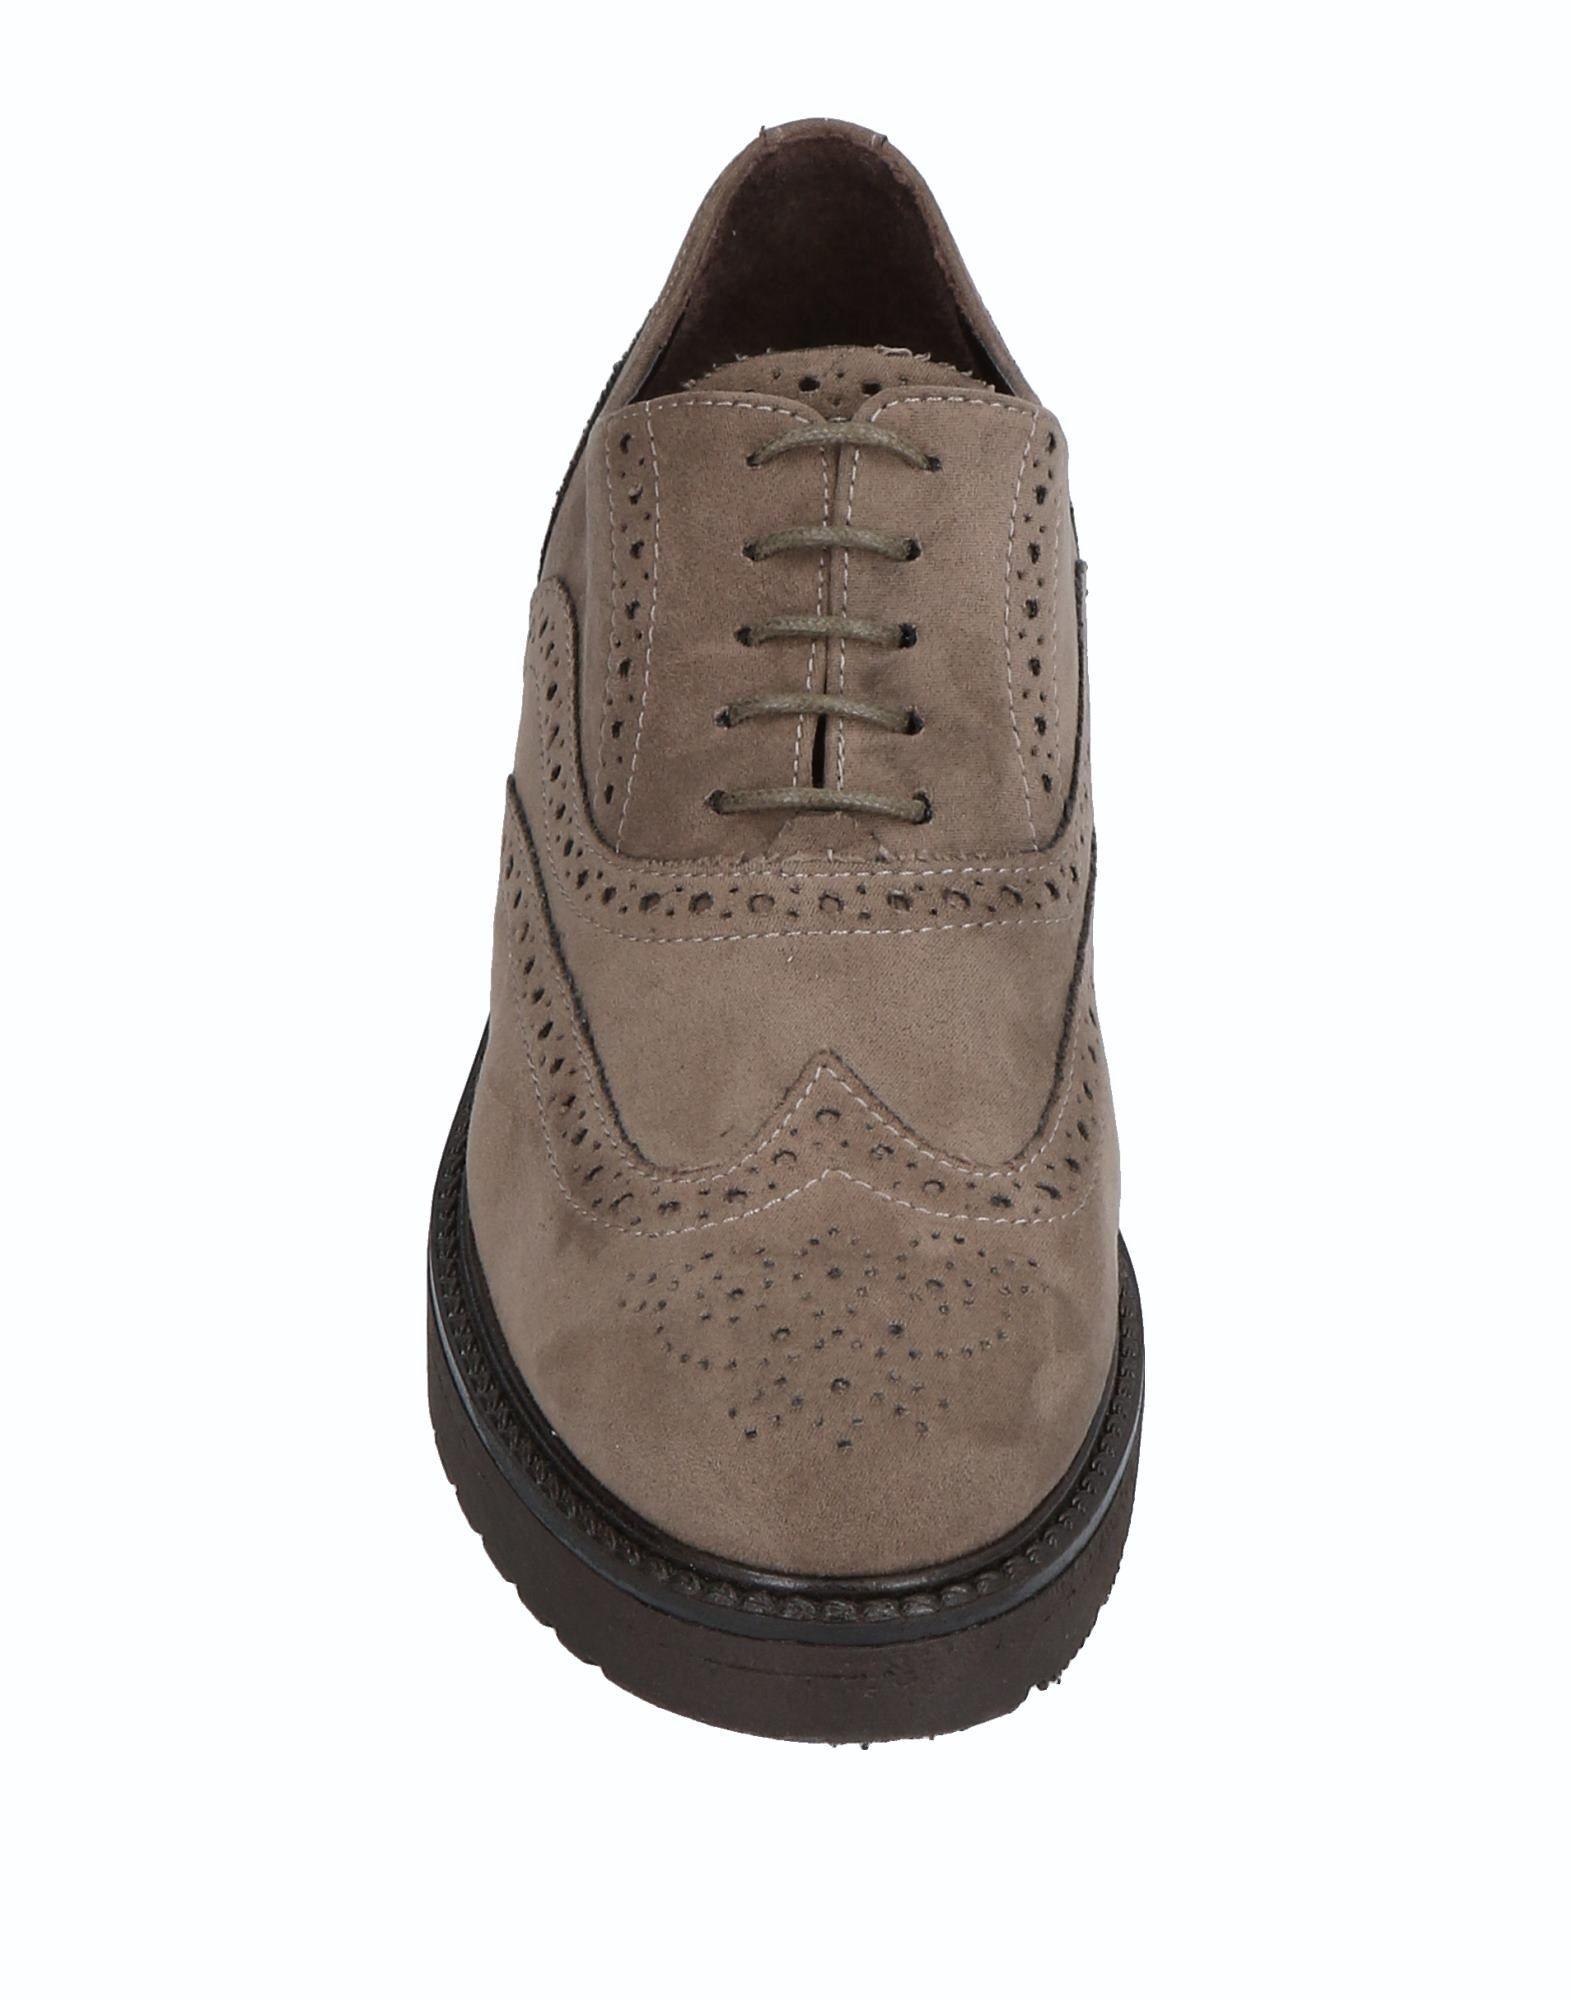 Lorenzo Mari Schnürschuhe Damen  11506354UB Gute Qualität beliebte Schuhe